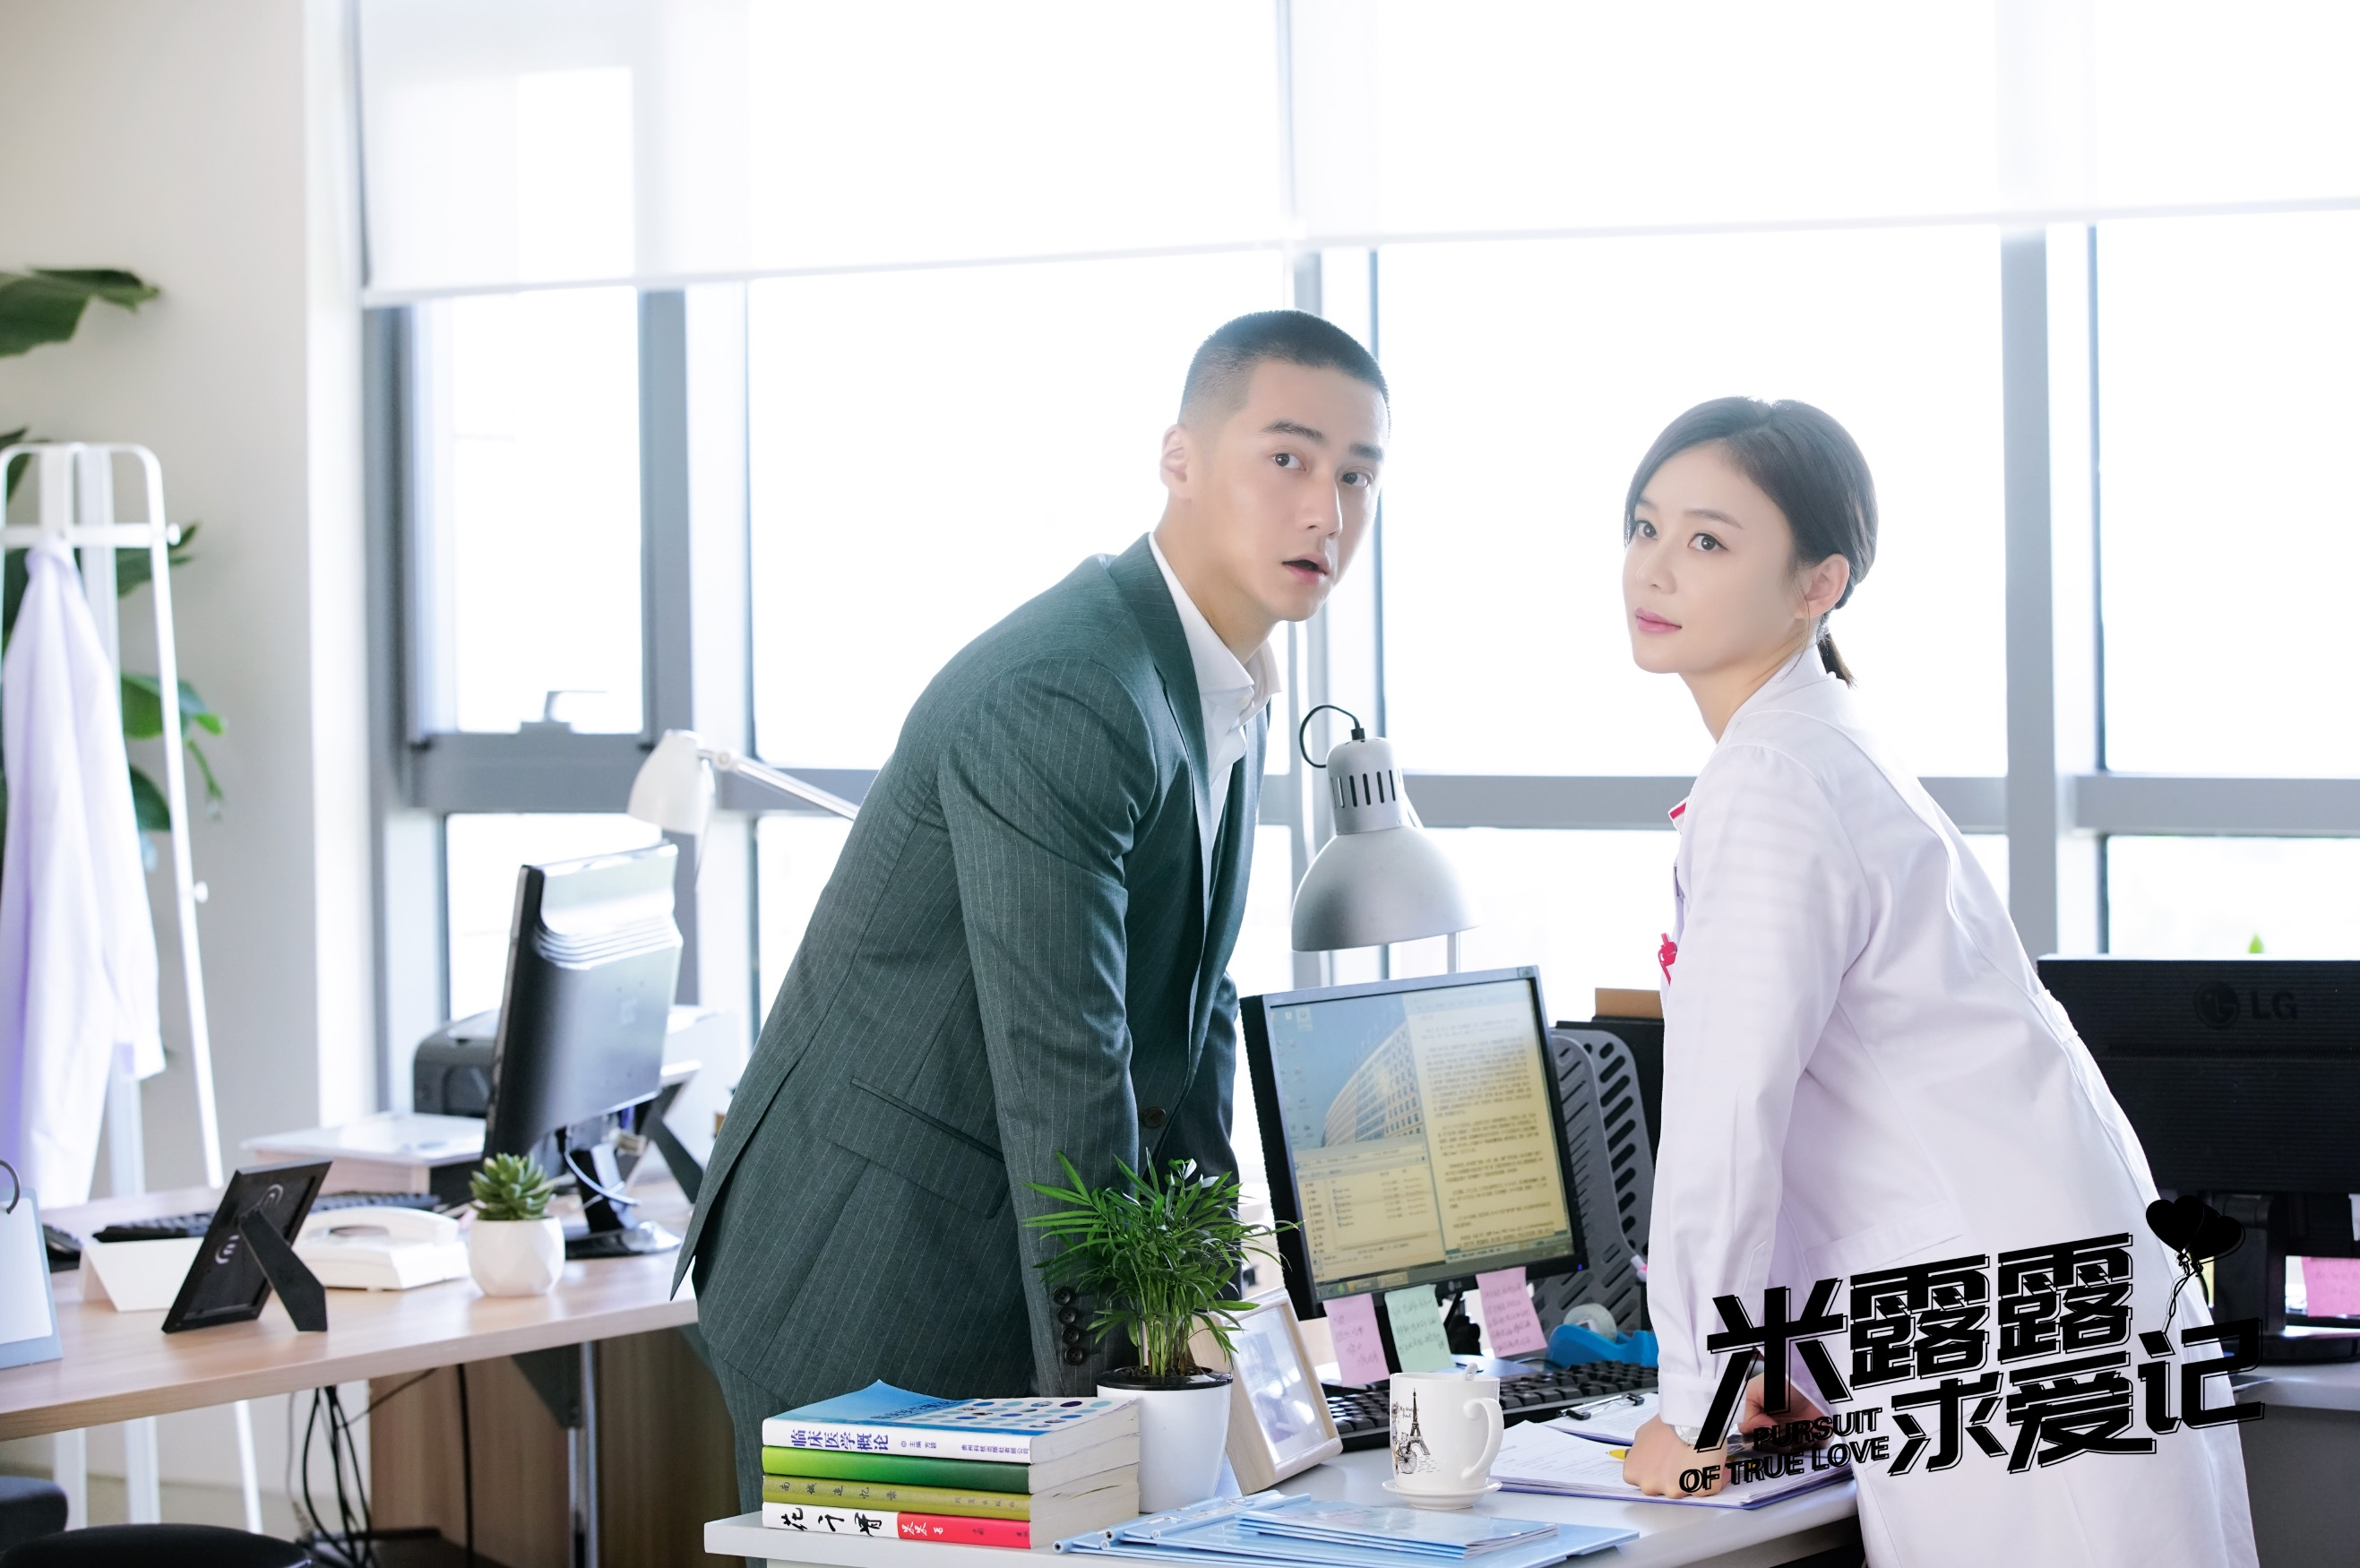 《米露露求爱记》曝剧照 蒋劲夫花式撩袁姗姗